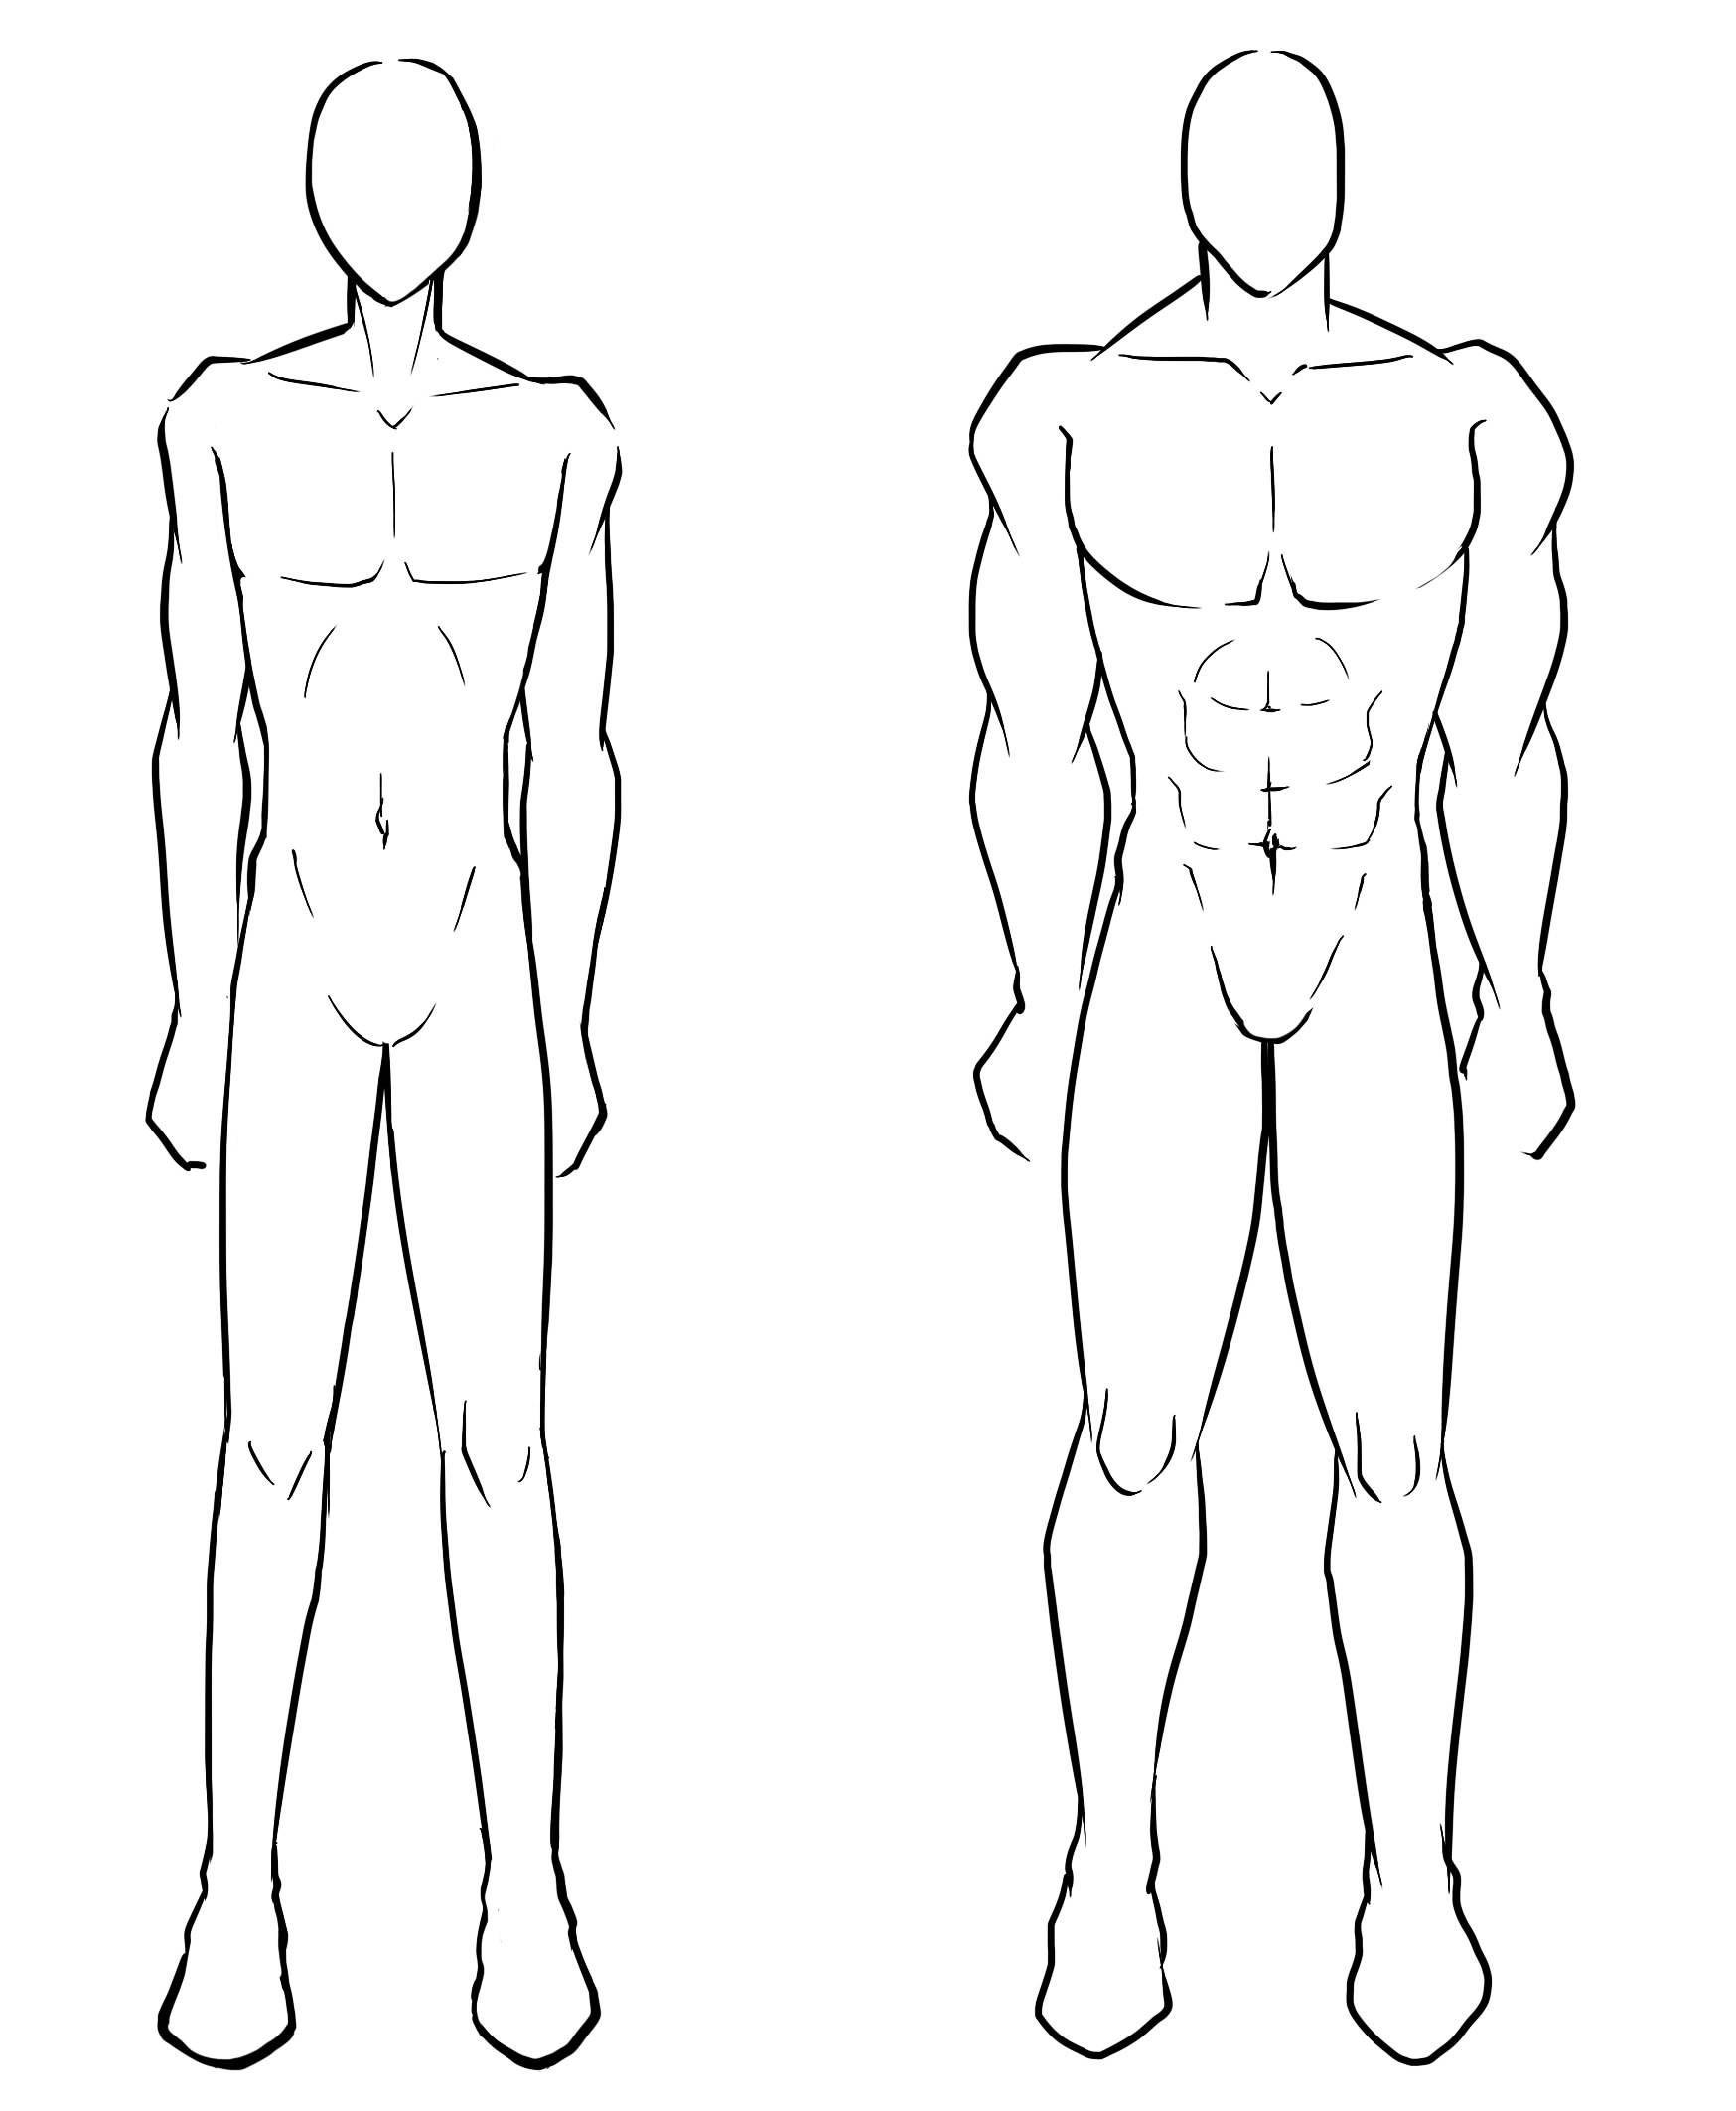 Animemalesfaceimageg (1748�2125) Body Proportionsbody Posescharacter  Drawinganime